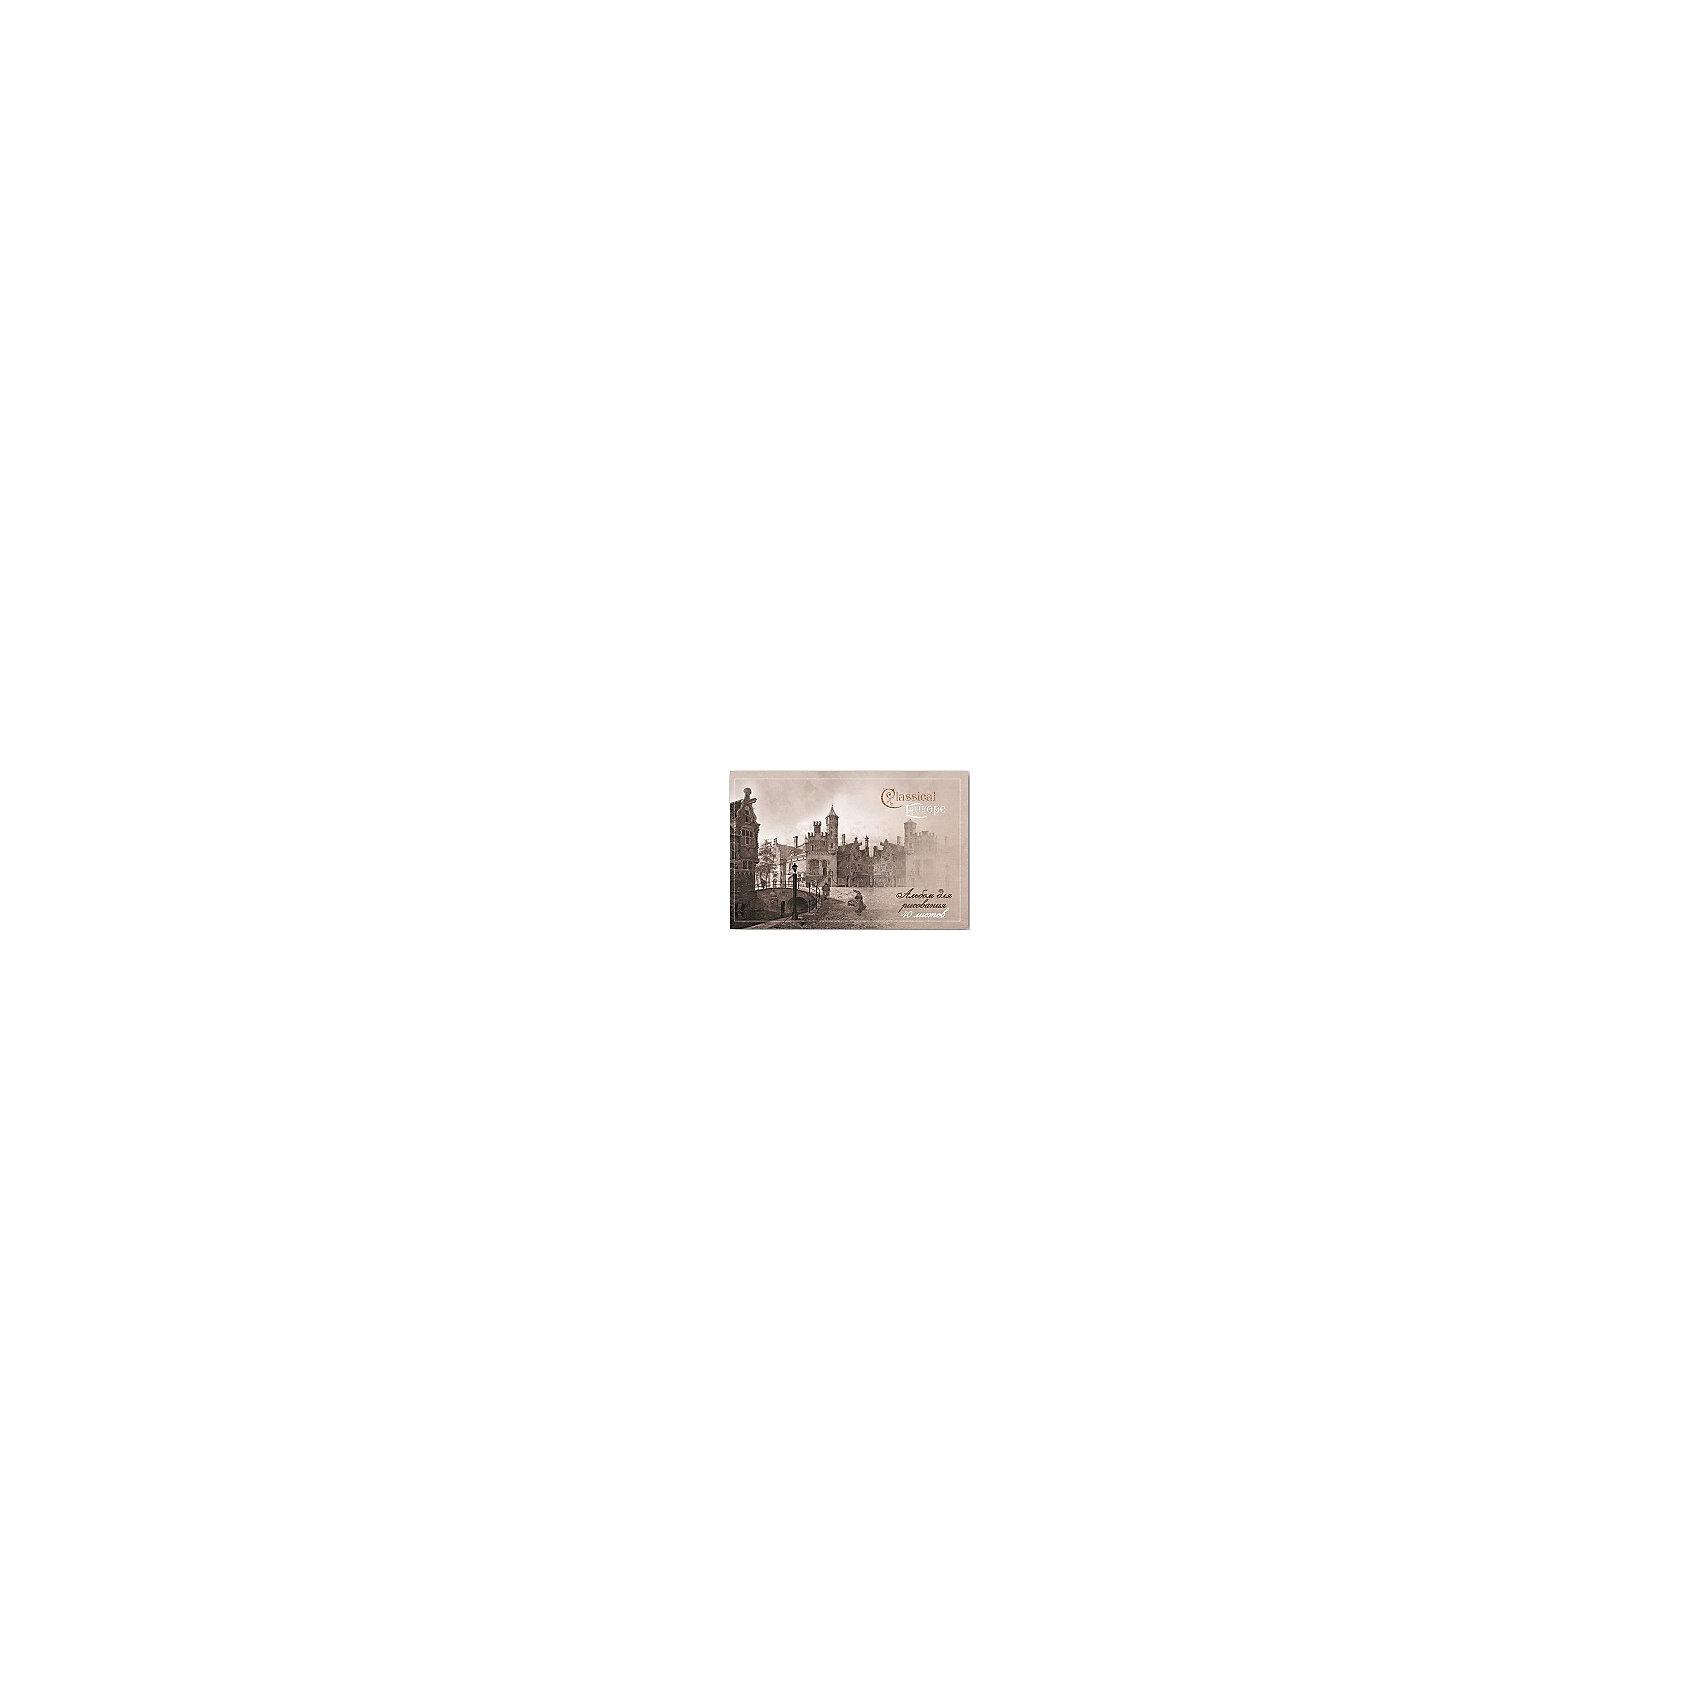 Альбом для рисования Городской мост, 40лСкоро 1 сентября, а значит Вашему ребенку обязательно понадобиться альбом для рисования!<br><br>Дополнительная информация:<br><br>- Возраст: от 3 лет.<br>- 40 листов.<br>- Орнамент: городской мост.<br>- Формат: А4.<br>- Материал: бумага, картон.<br>- Размер упаковки: 29,5х20х0,7 см.<br>- Вес в упаковке: 305 г.<br><br>Купить альбом для рисования Городской мост можно в нашем магазине.<br><br>Ширина мм: 295<br>Глубина мм: 200<br>Высота мм: 7<br>Вес г: 303<br>Возраст от месяцев: 36<br>Возраст до месяцев: 2147483647<br>Пол: Унисекс<br>Возраст: Детский<br>SKU: 4943471